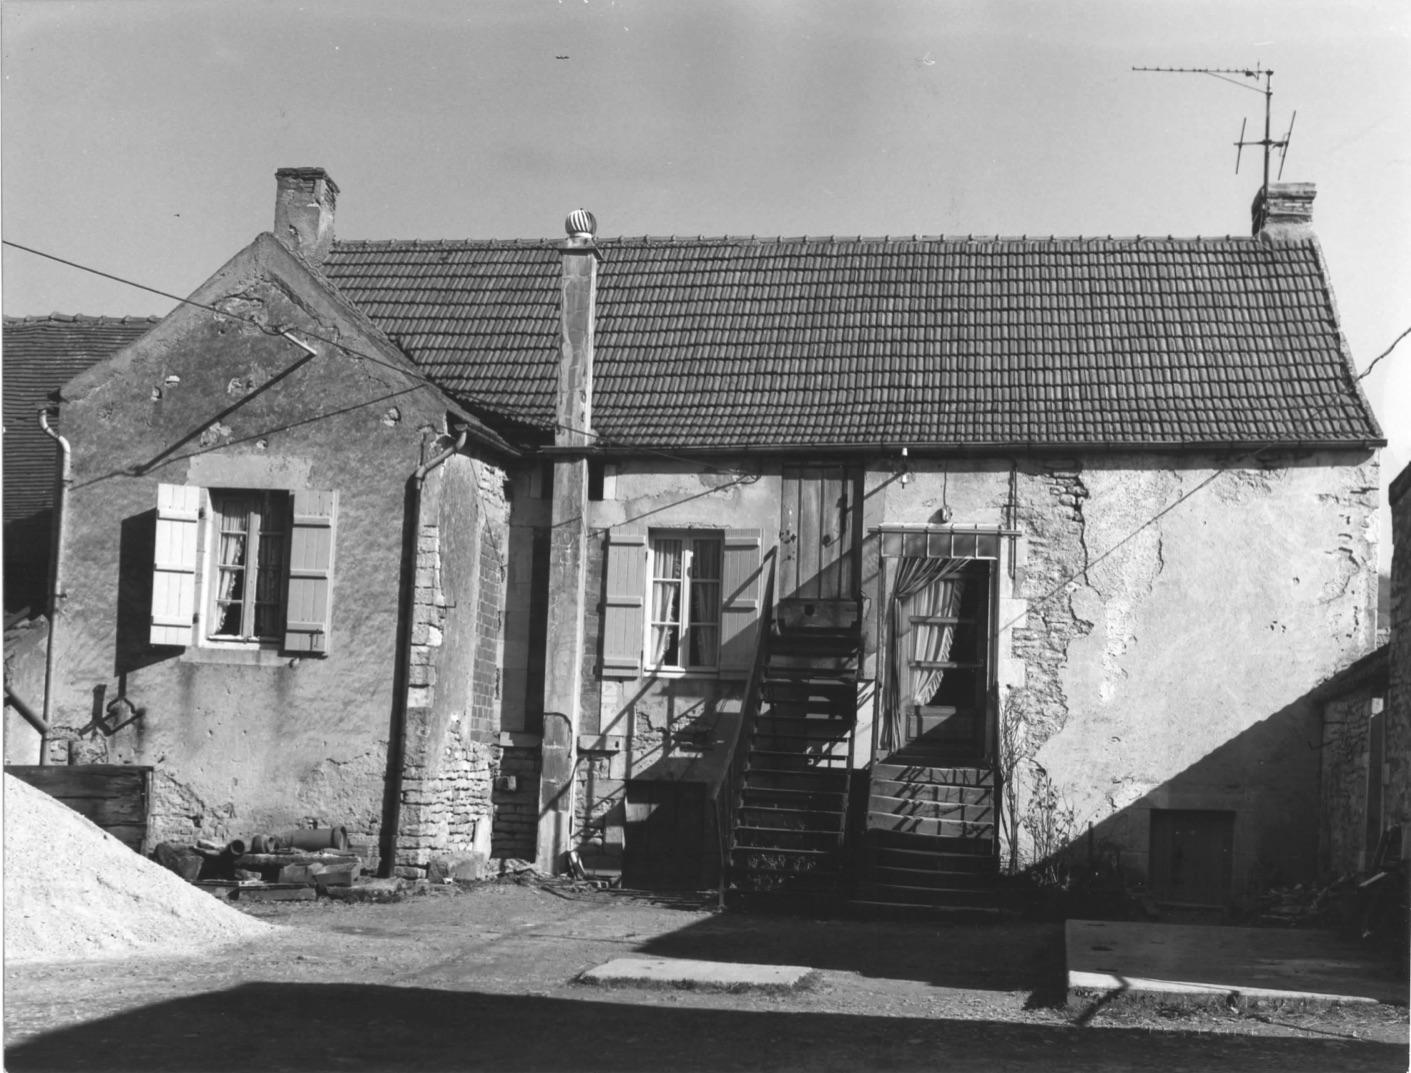 La maison de Maître avant l'extension - vue ouest